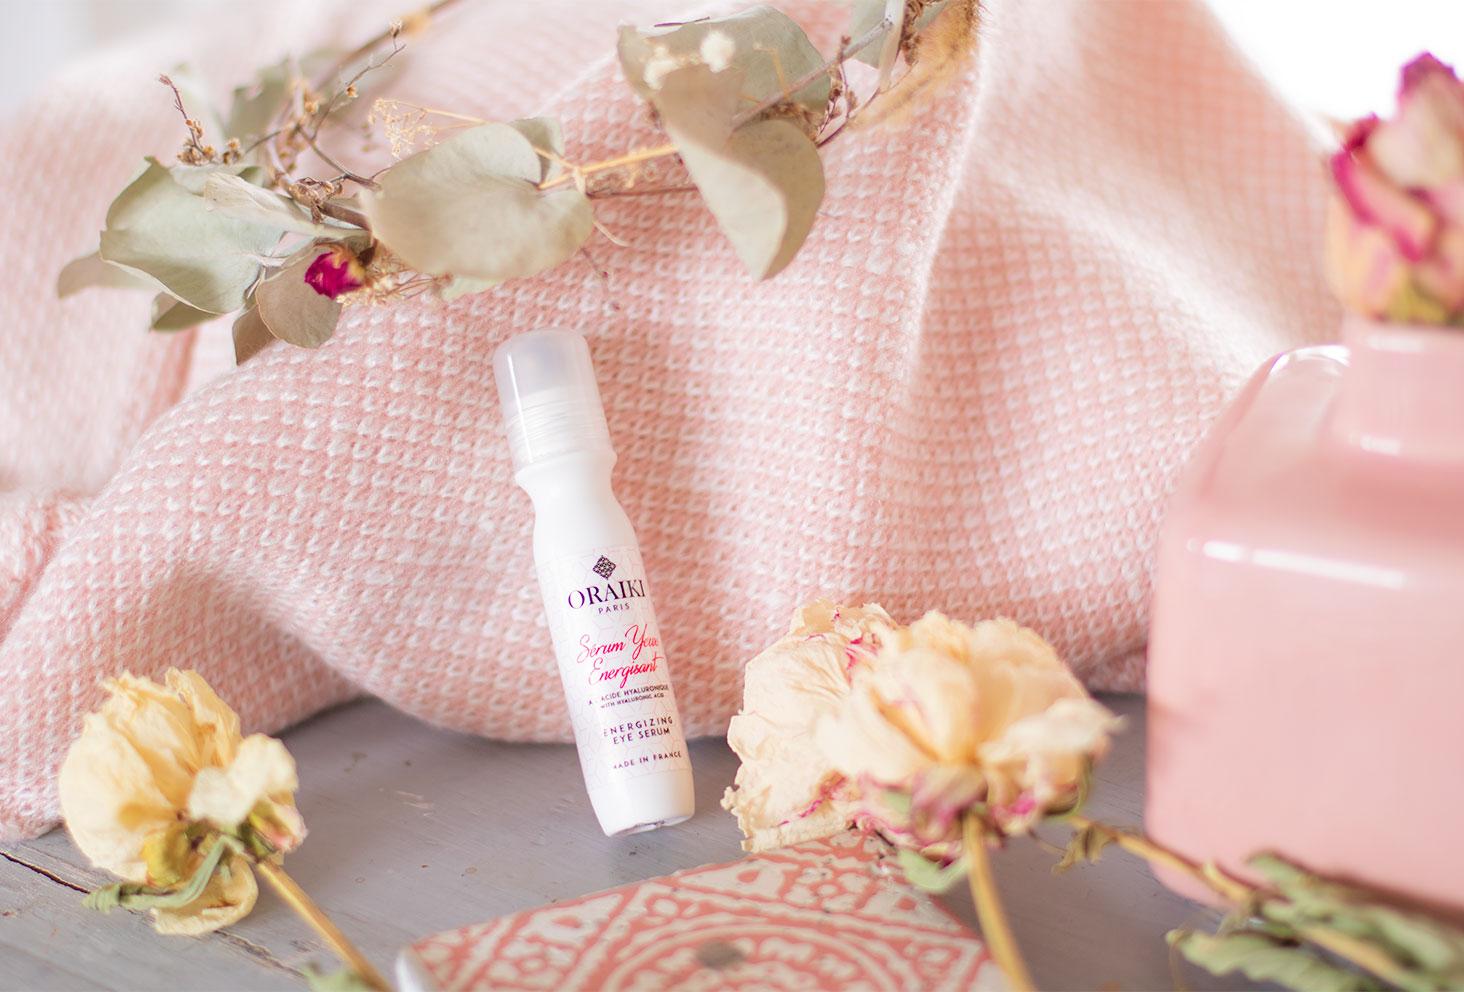 Le sérum énergisant pour les yeux de la marque Oraiki posé sur un plaid rose au milieu de fleurs sèches, sur une table grise vintage